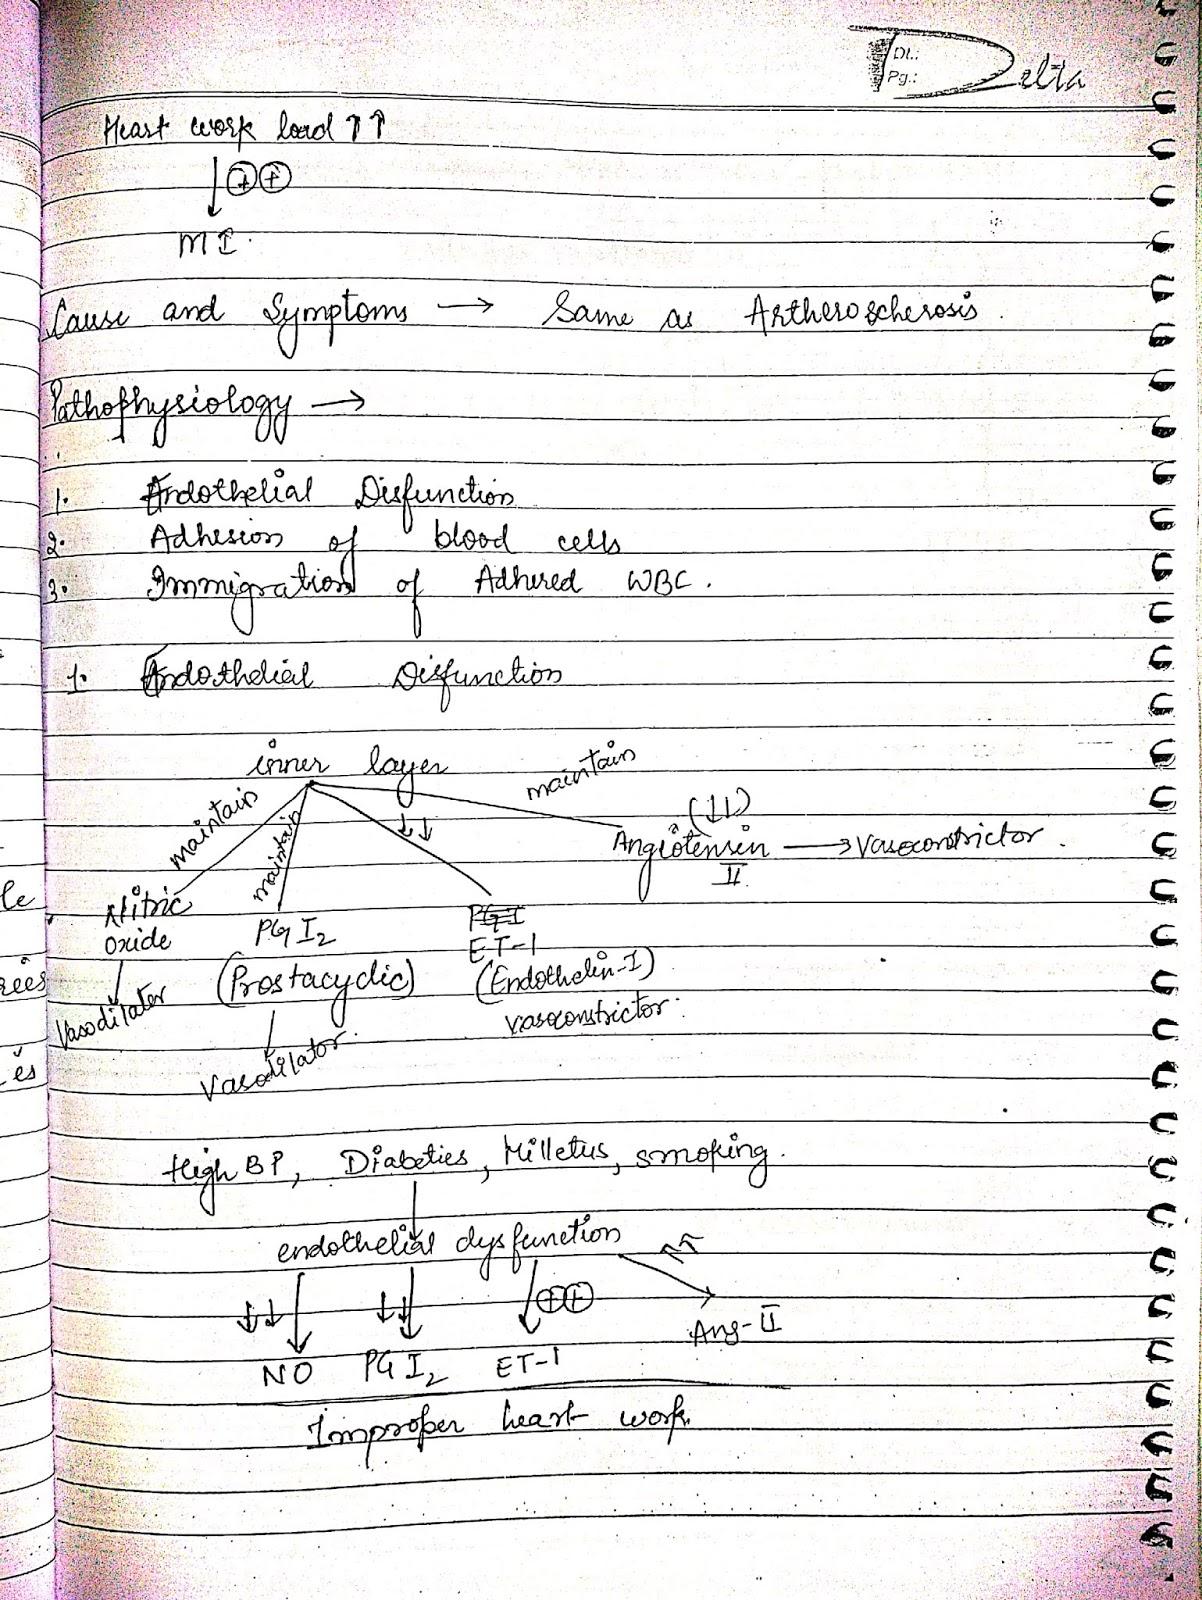 pathophysiology - arteosclerosis